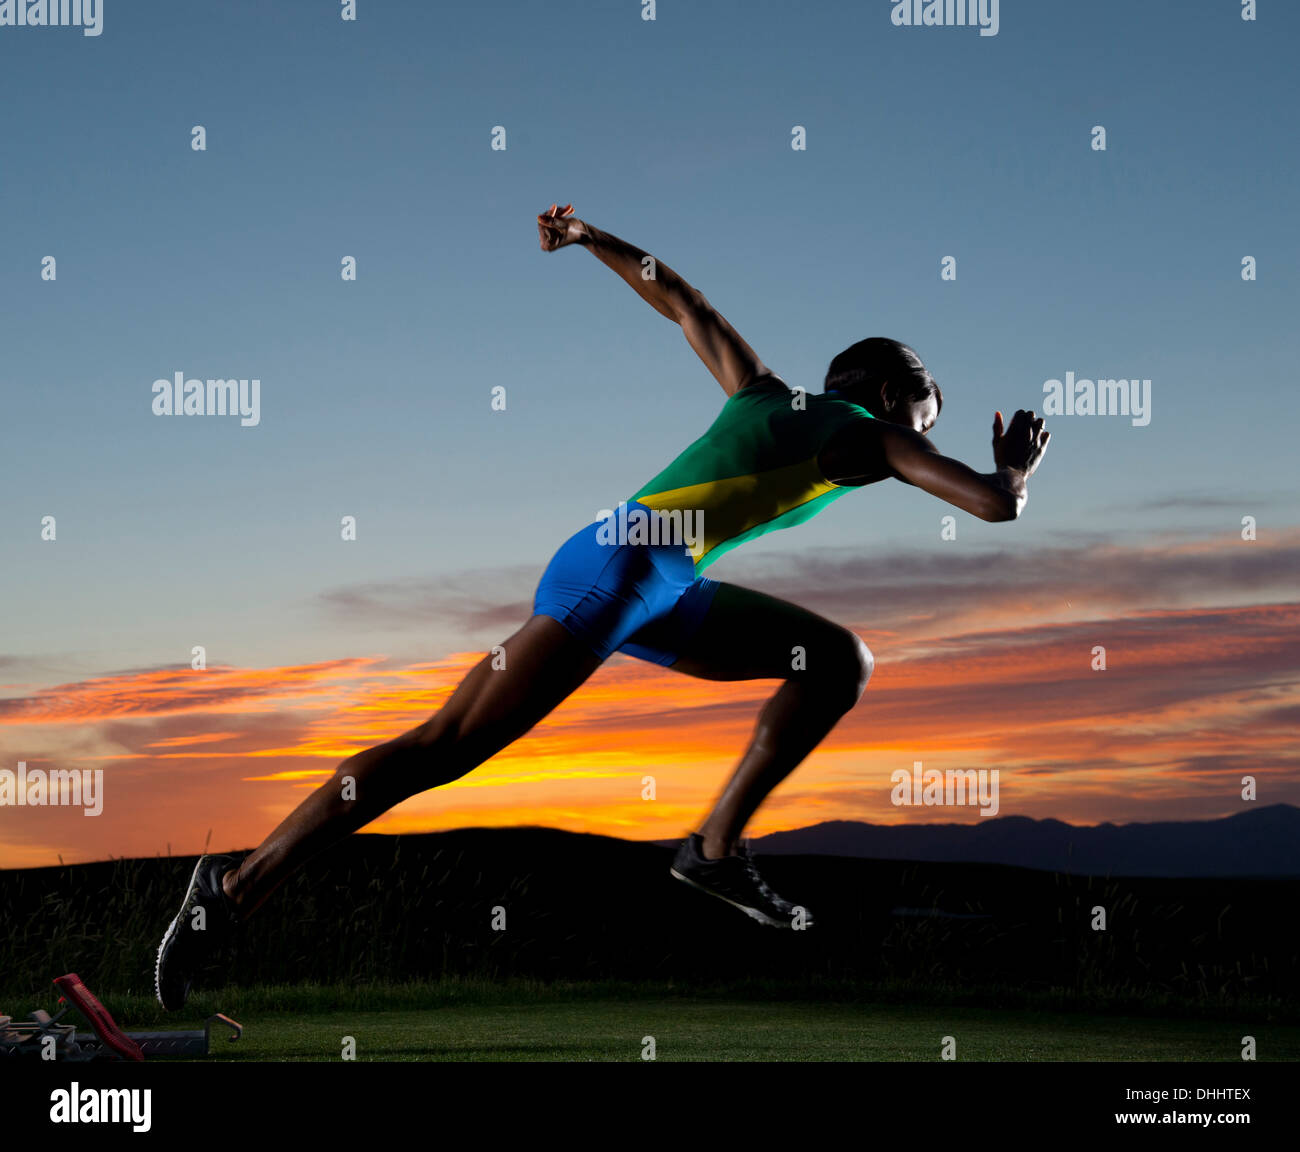 Runner starting race - Stock Image